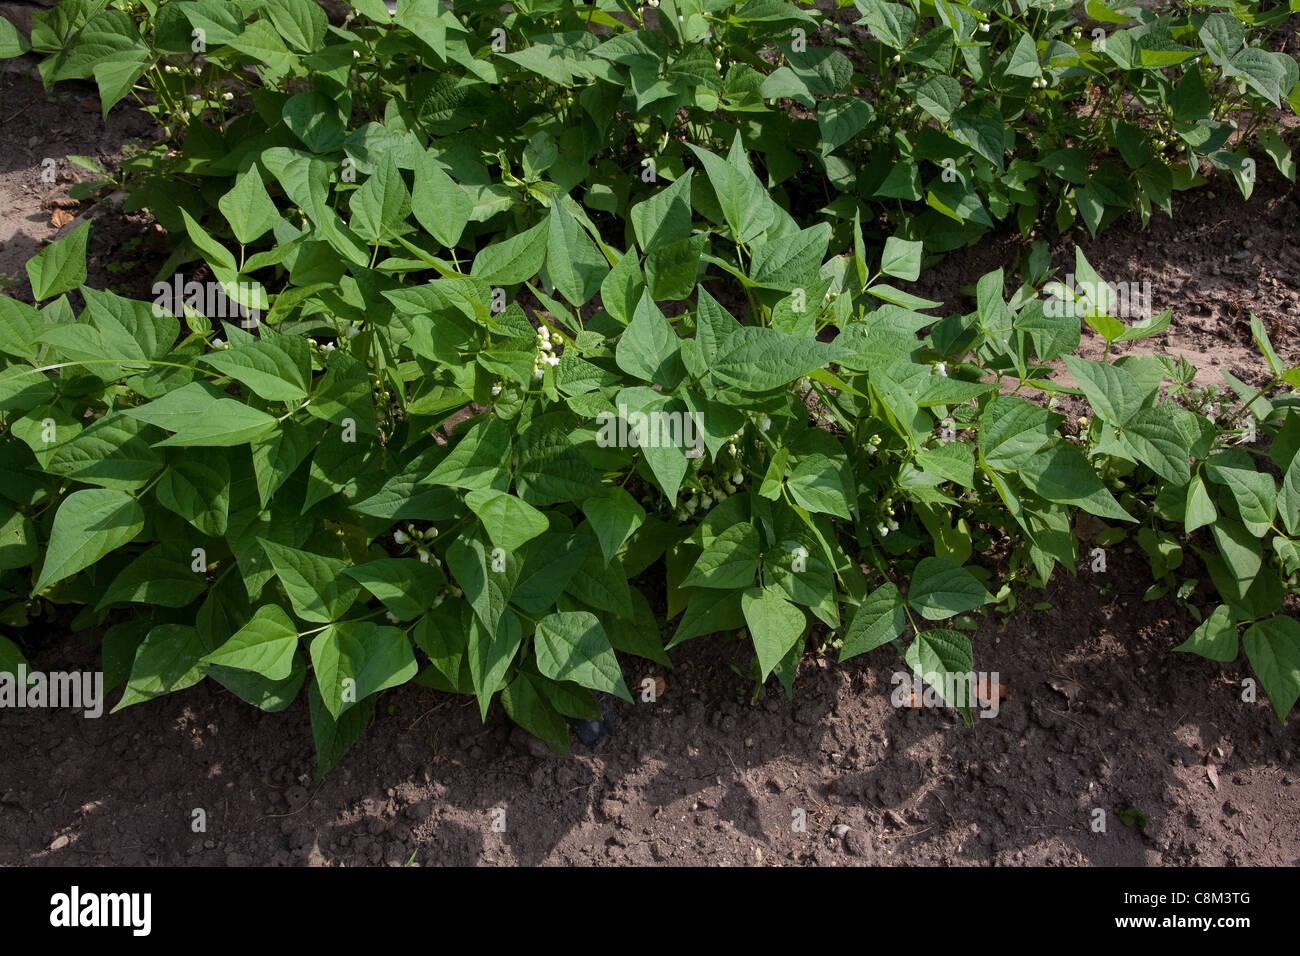 Blühende Pflanzen grüne Bohne (Phaseolus Sorte) Gemüse Garten, Mitte Juni, Michigan USA Stockbild